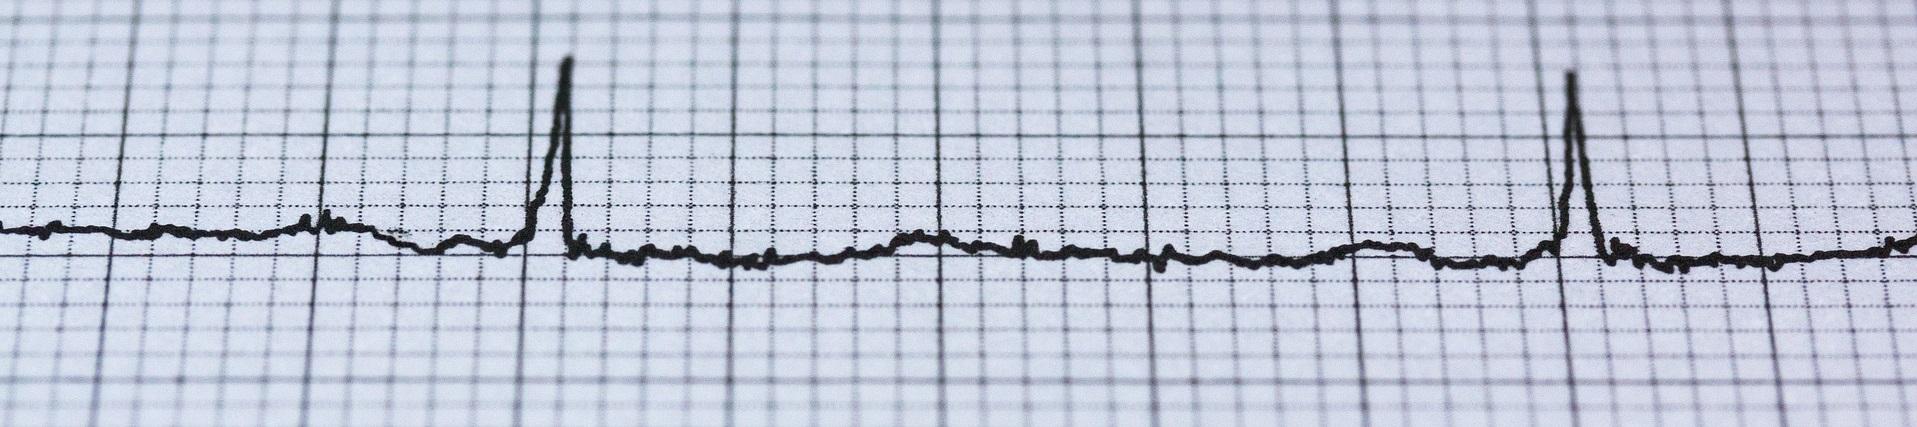 Ausschläge auf einem EKG Papier